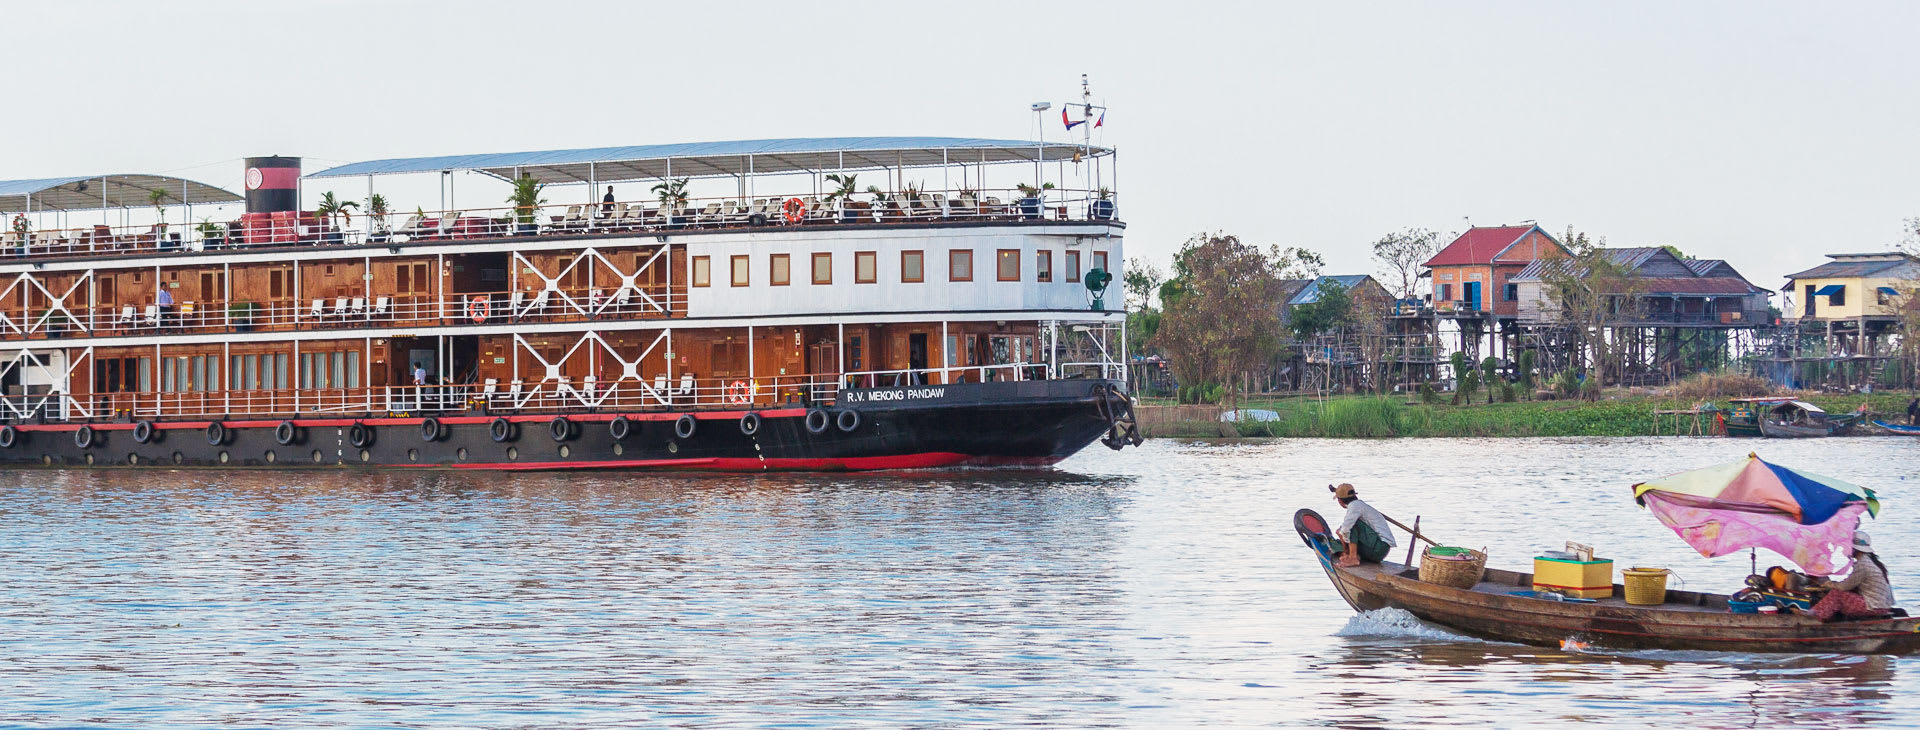 Mekong Pandaw boat cruising the Mekong